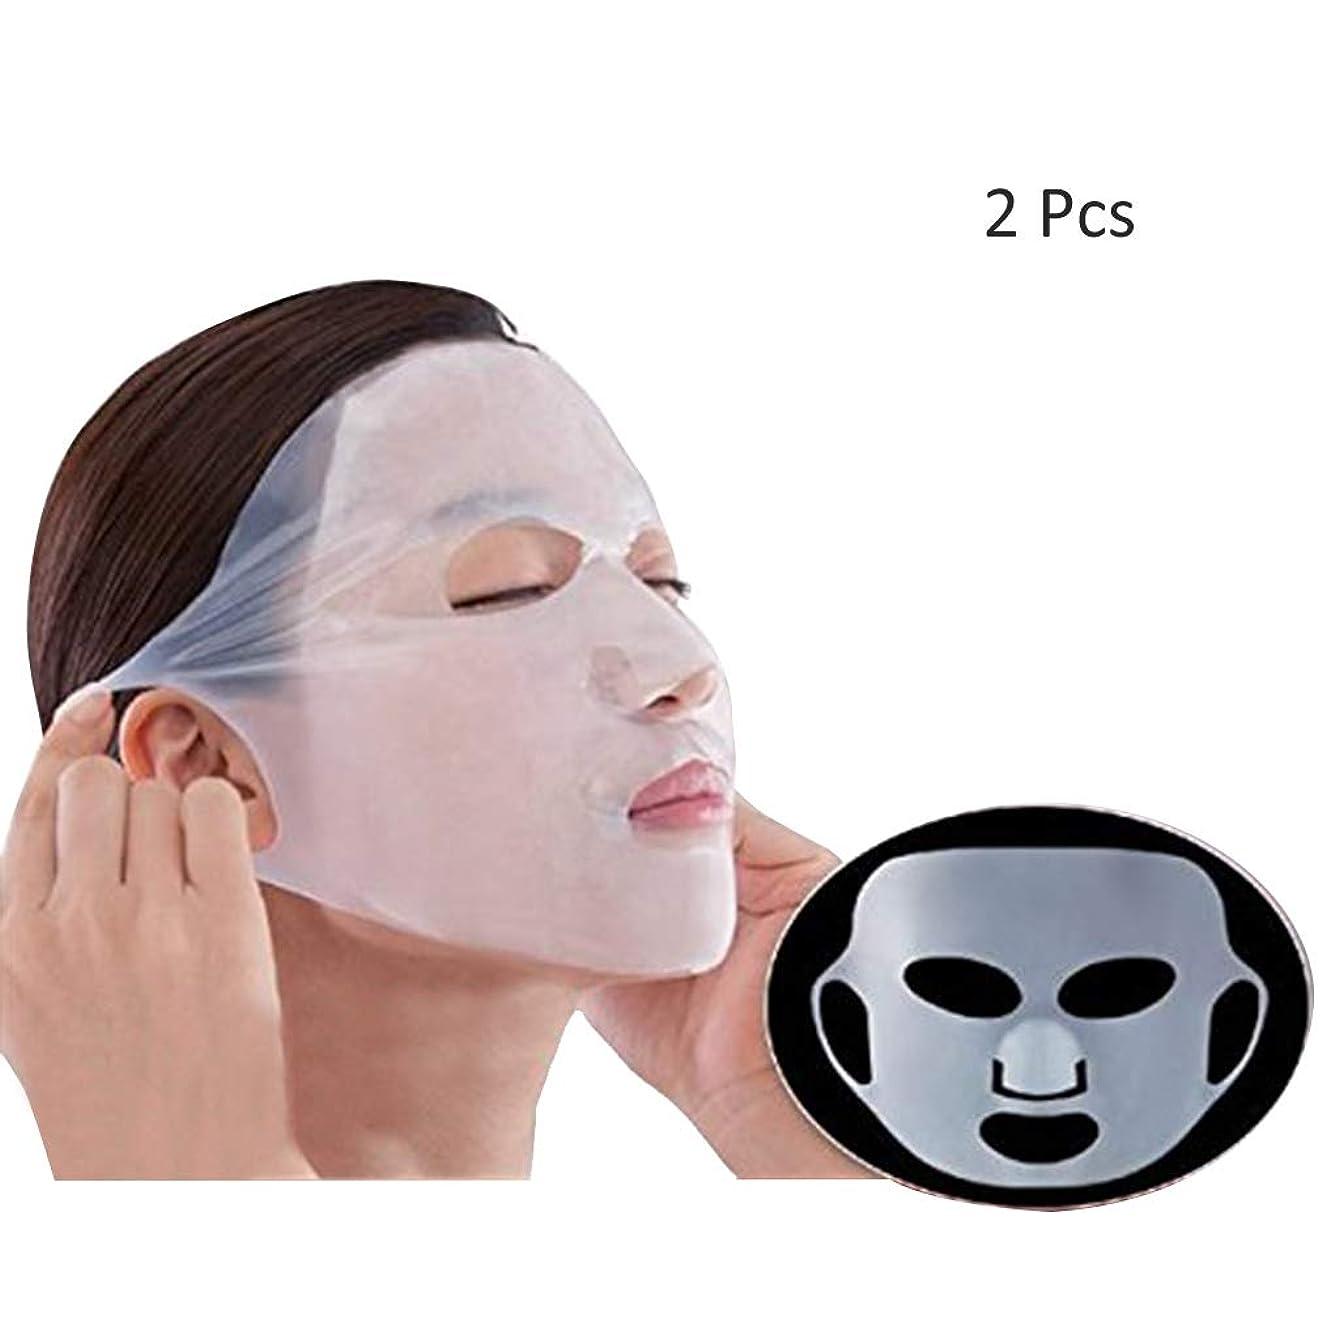 テレマコス郵便物風邪をひくシリコンマスク 2点セット 潤マスク フェイスマスク フェイスパック 3D 美トレ モイストラップ 保湿